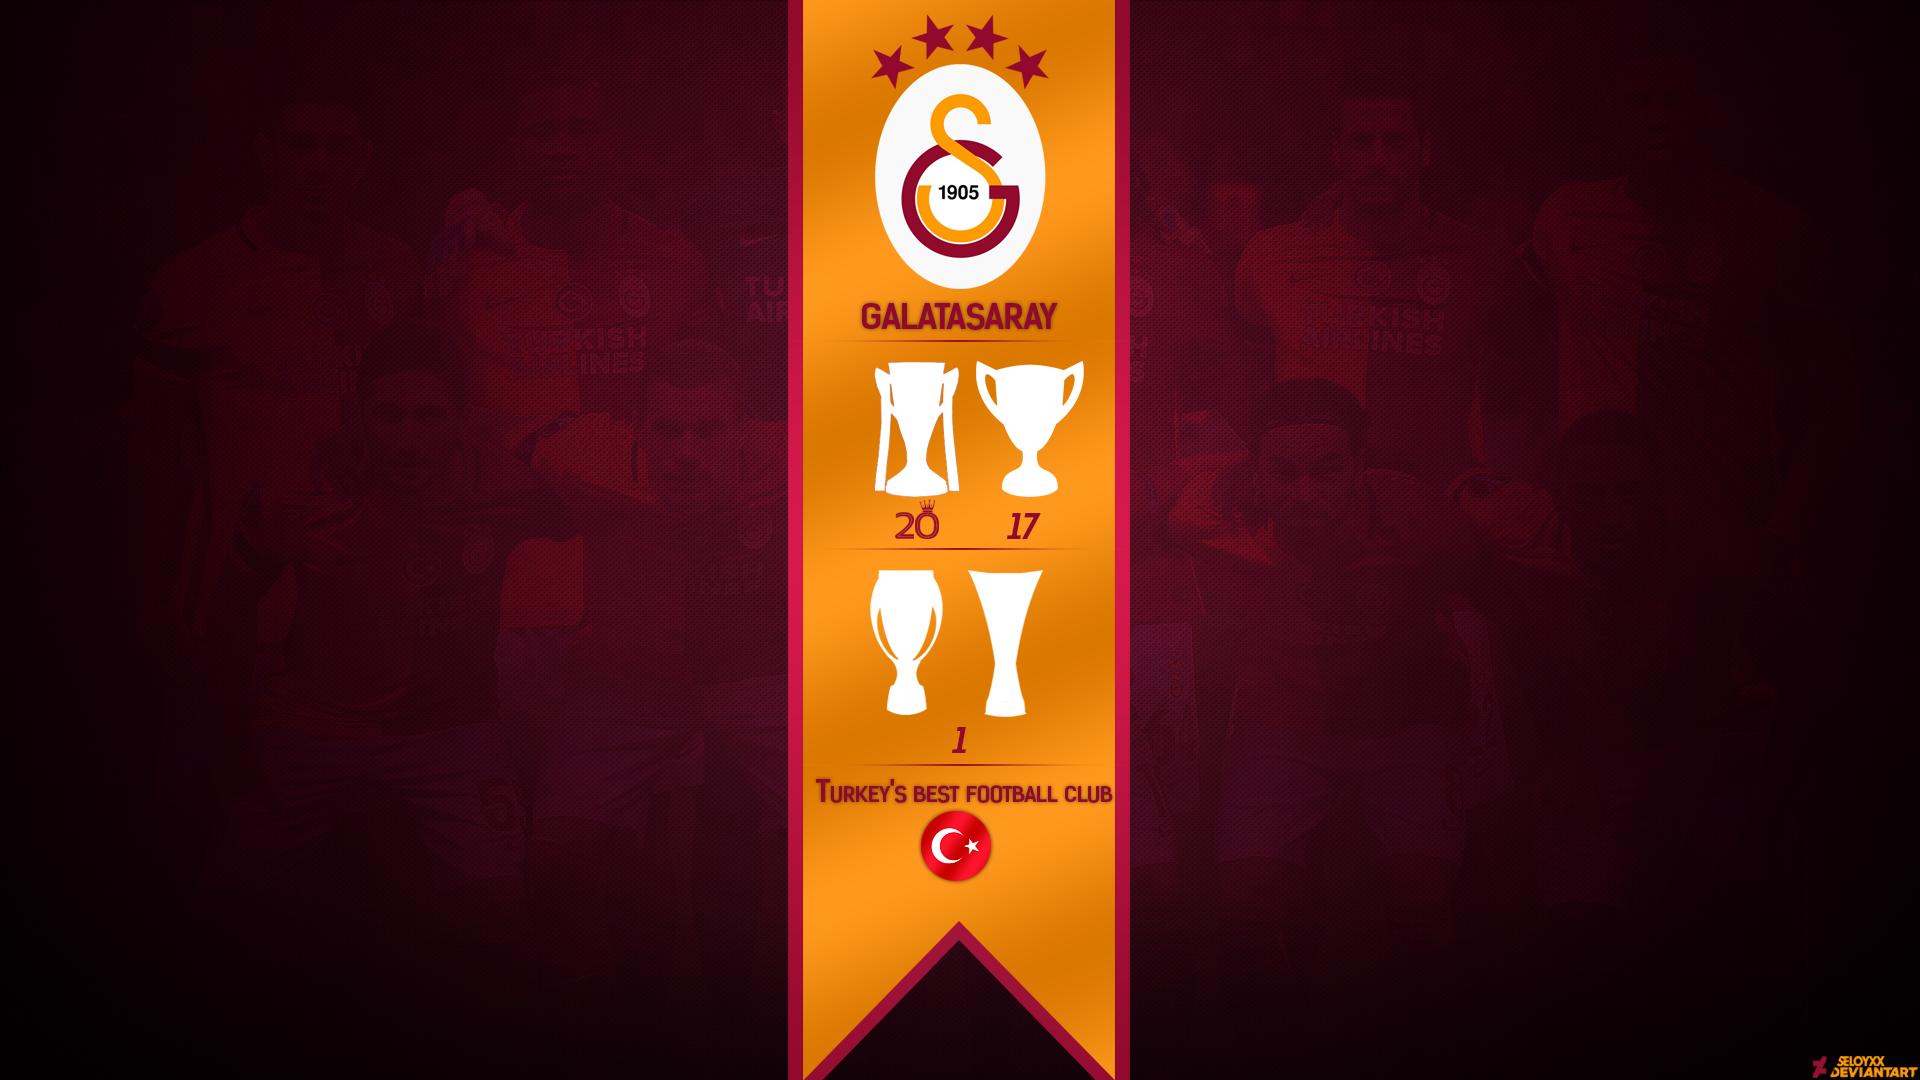 Wallpaper Başlığı Gscimbom En Iyi Galatasaray Taraftar Sitesi